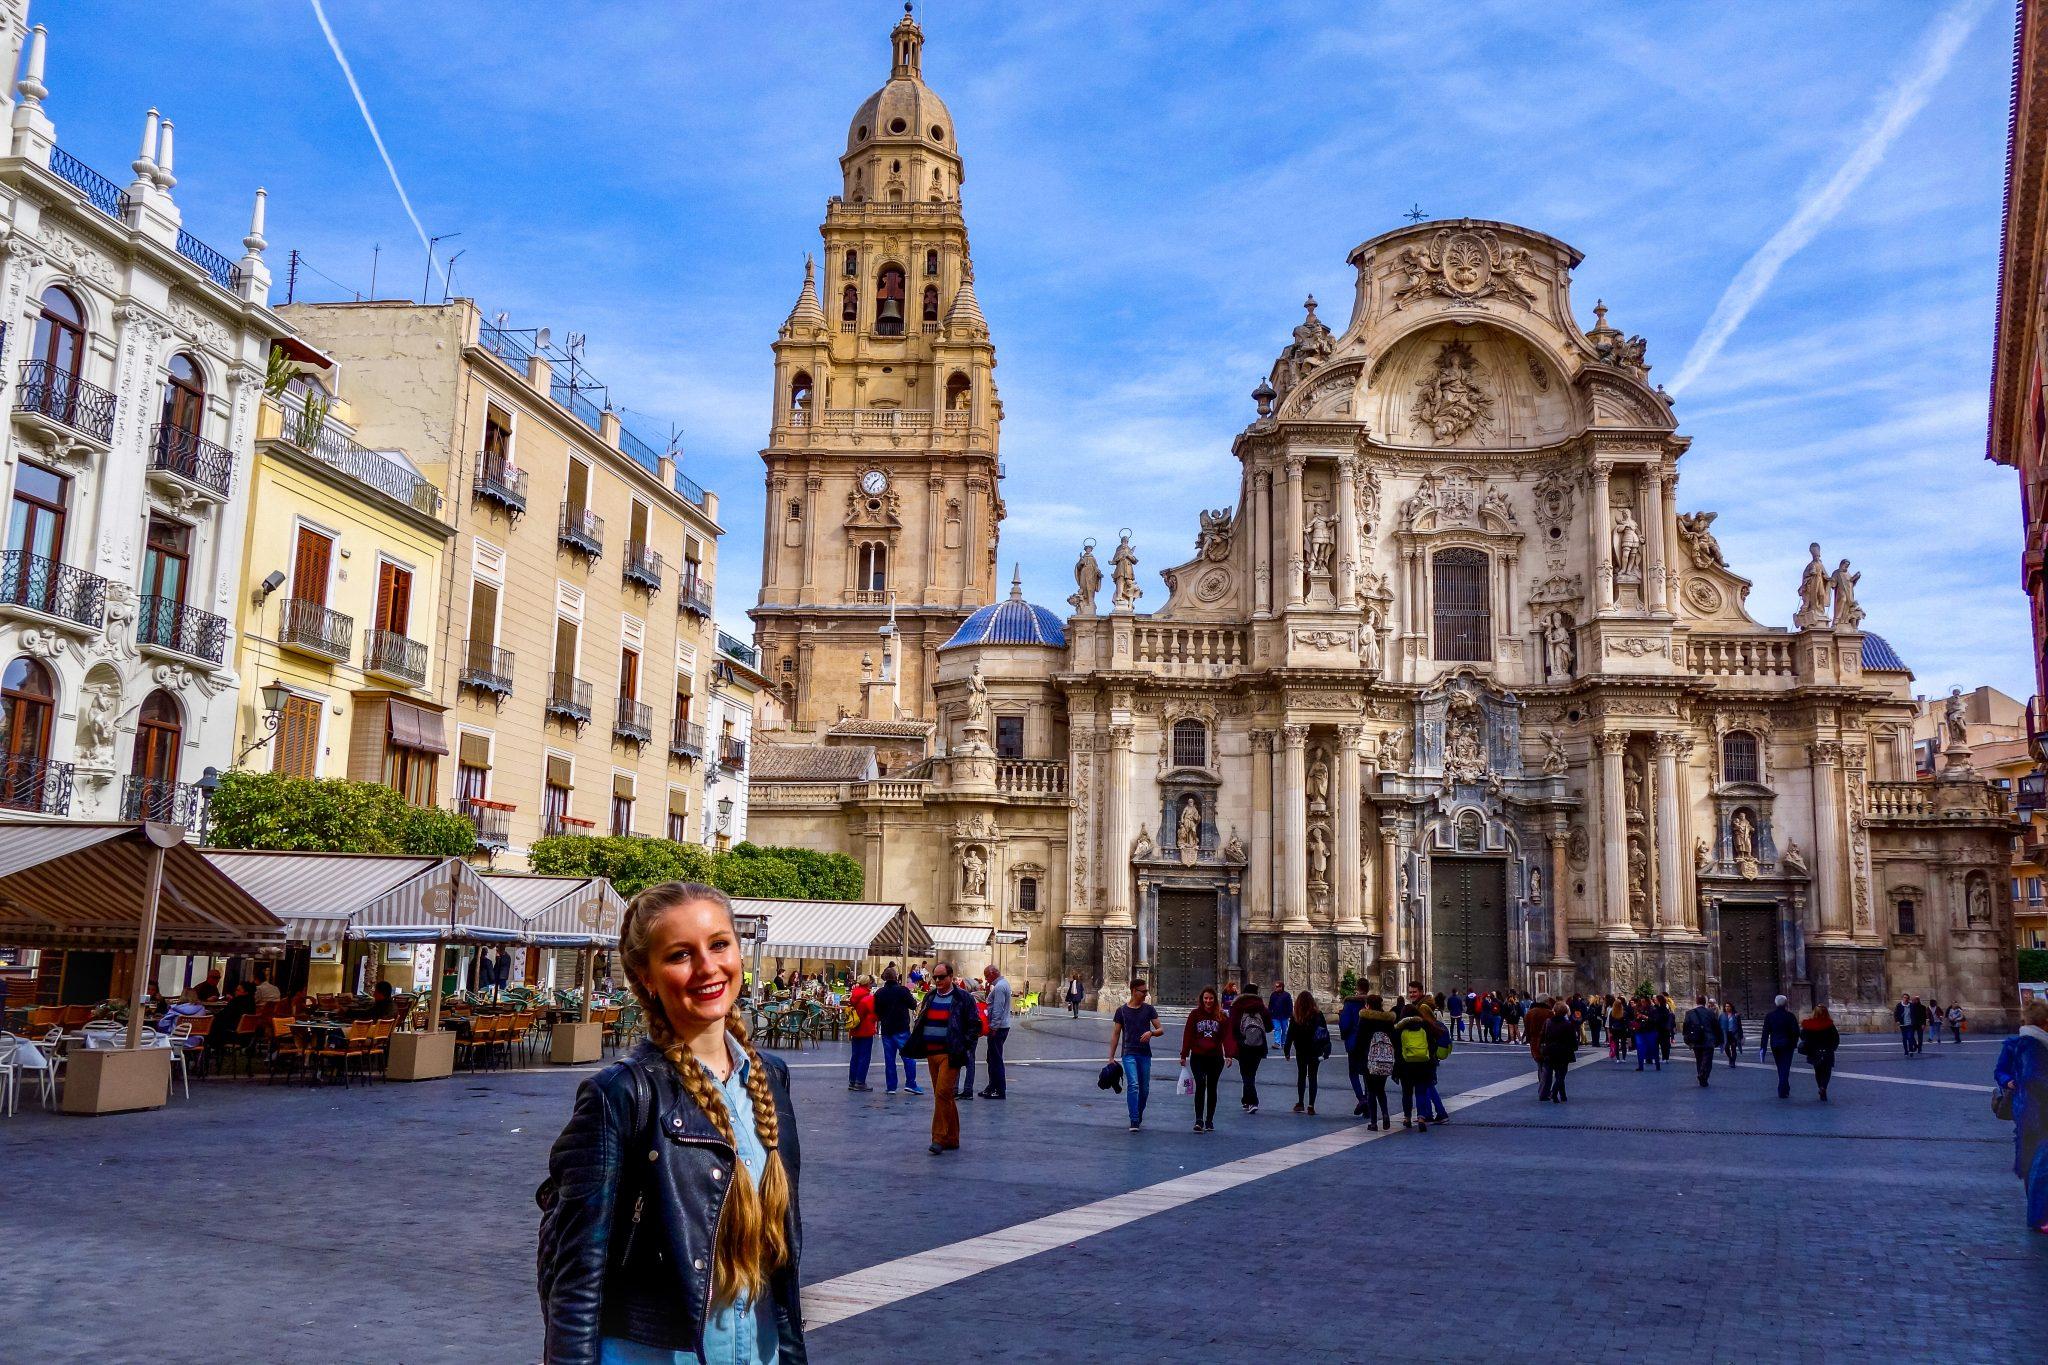 Ca. 200 Jahre wurde an dem Turm der Kathedrale in Murcia gebaut